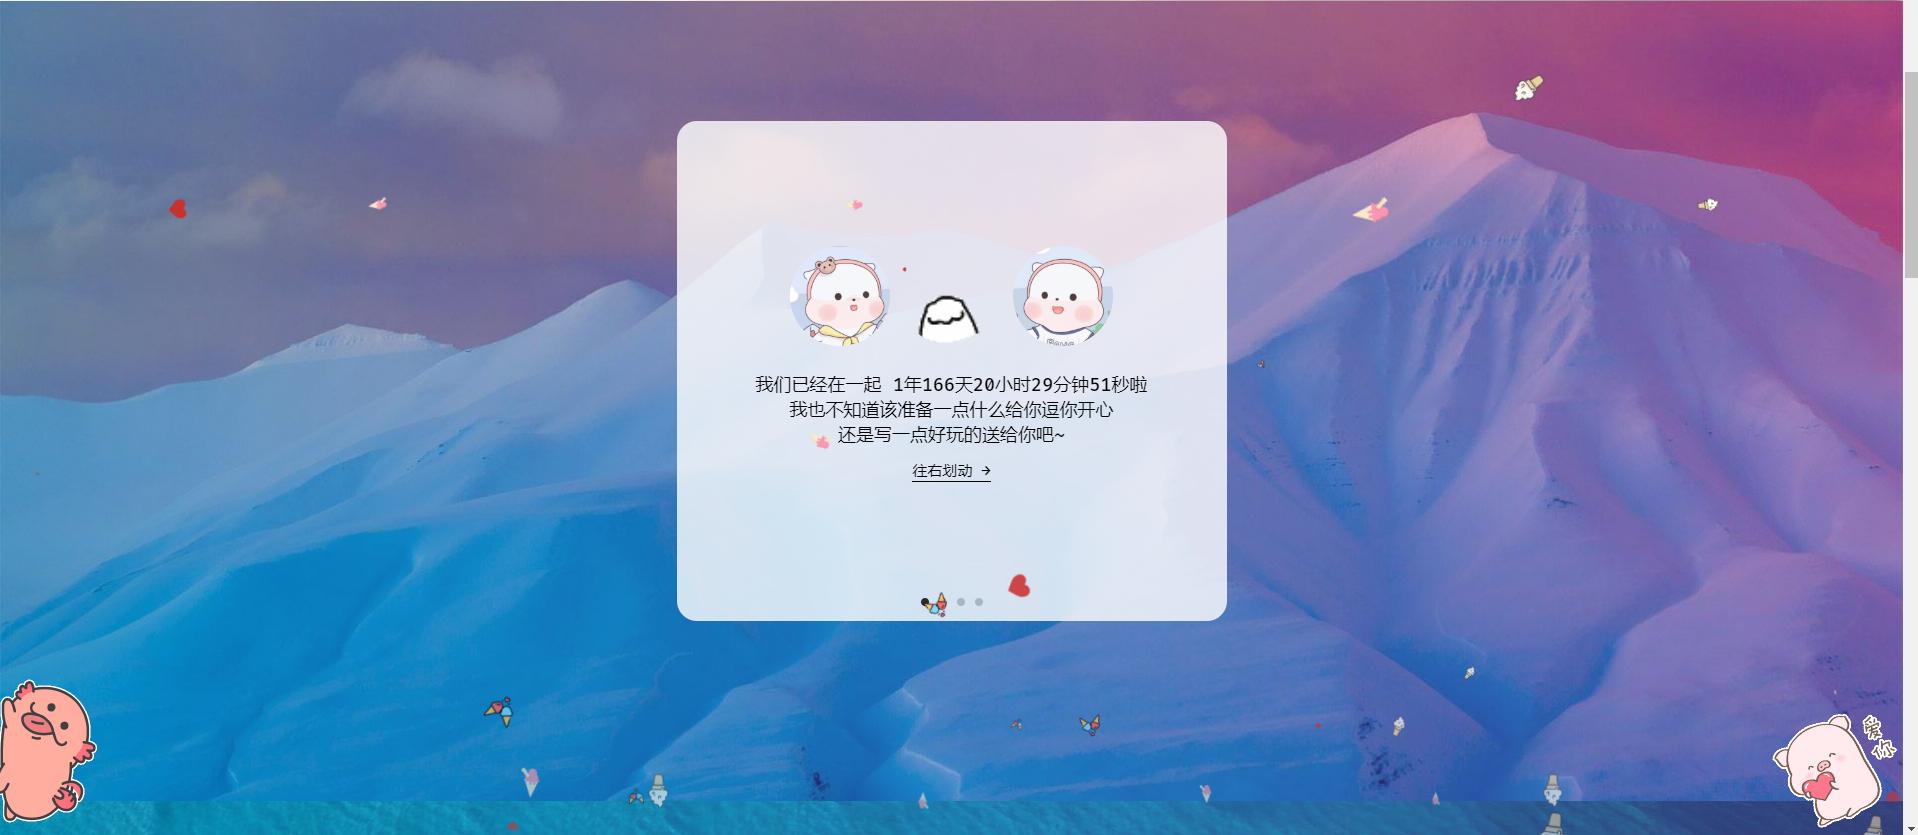 自适应情侣纪念日记录网站源码